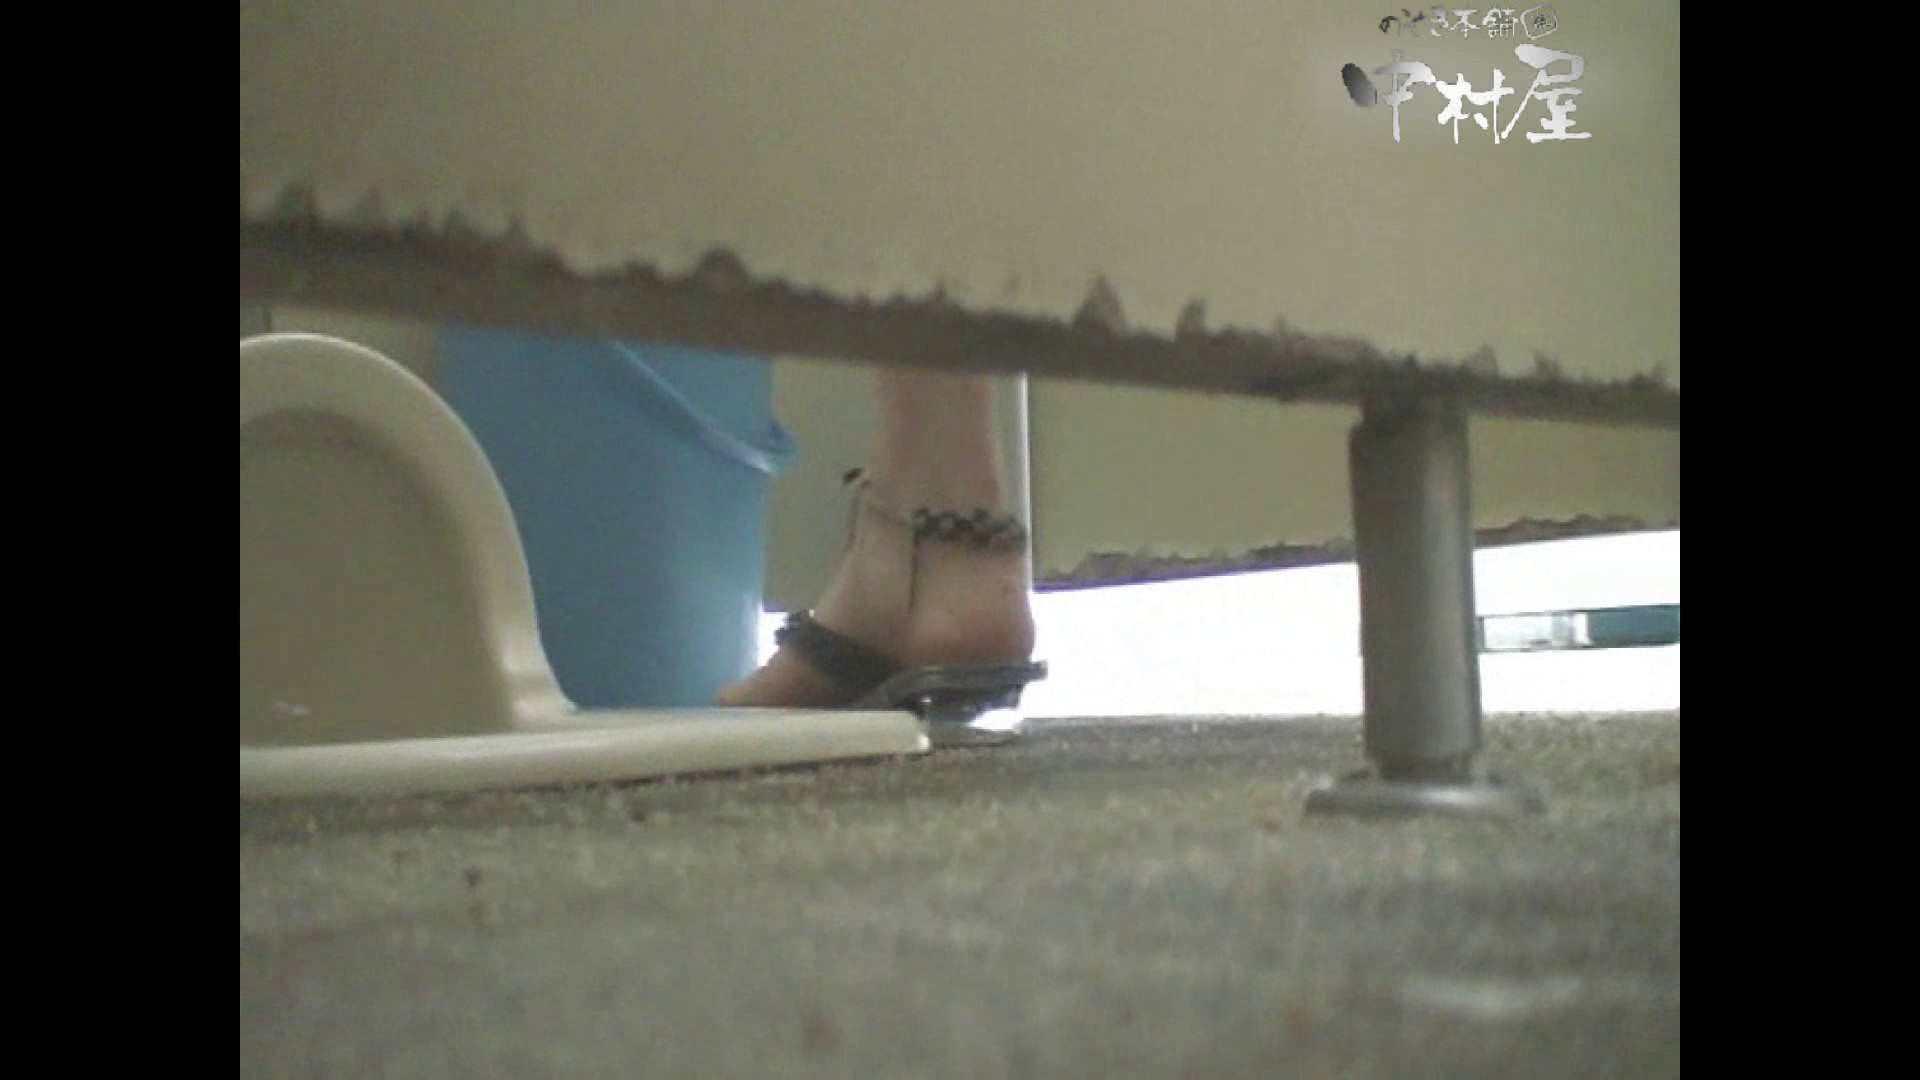 岩手県在住盗撮師盗撮記録vol.17 マンコエロすぎ オマンコ無修正動画無料 87PIX 7